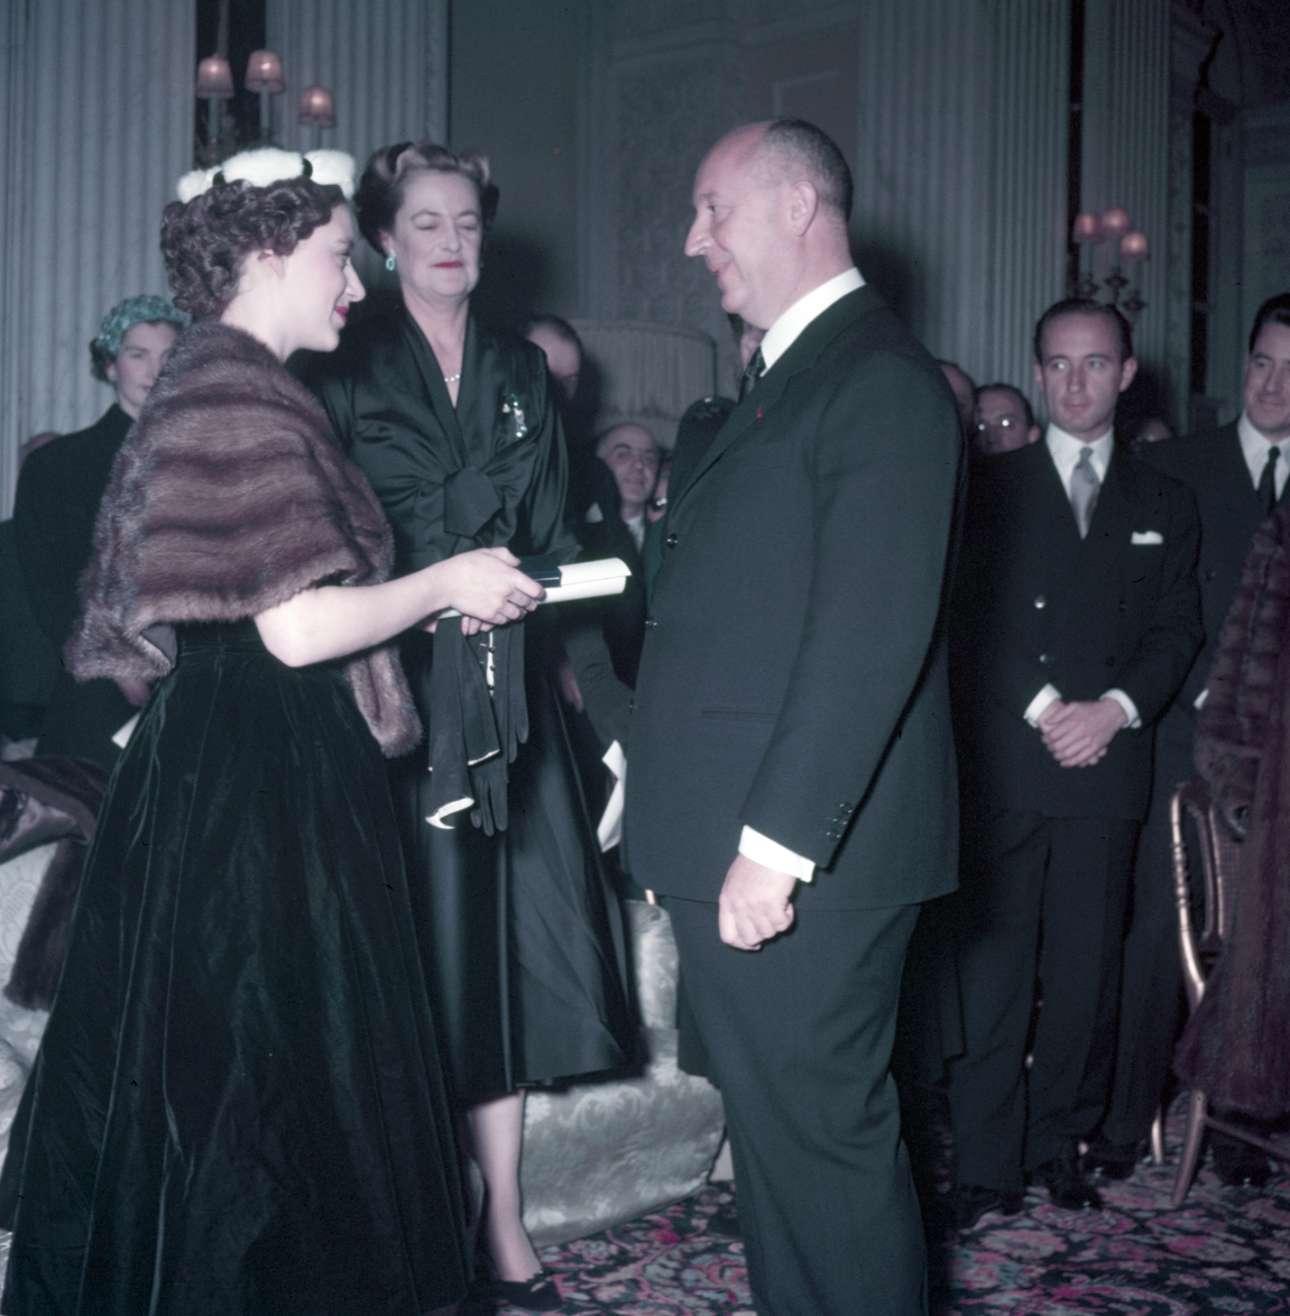 Η πριγκίπισα Μαργαρίτα απονέμει στον Κριστιάν Ντιόρ τον τίτλο του επιτίμου μέλους του Βρετανικού Ερυθρού Σταυρού μετά την επίδειξη του στο Ανάκτορο Μπλενχάιμ, τον Νοέμβριο του 1954